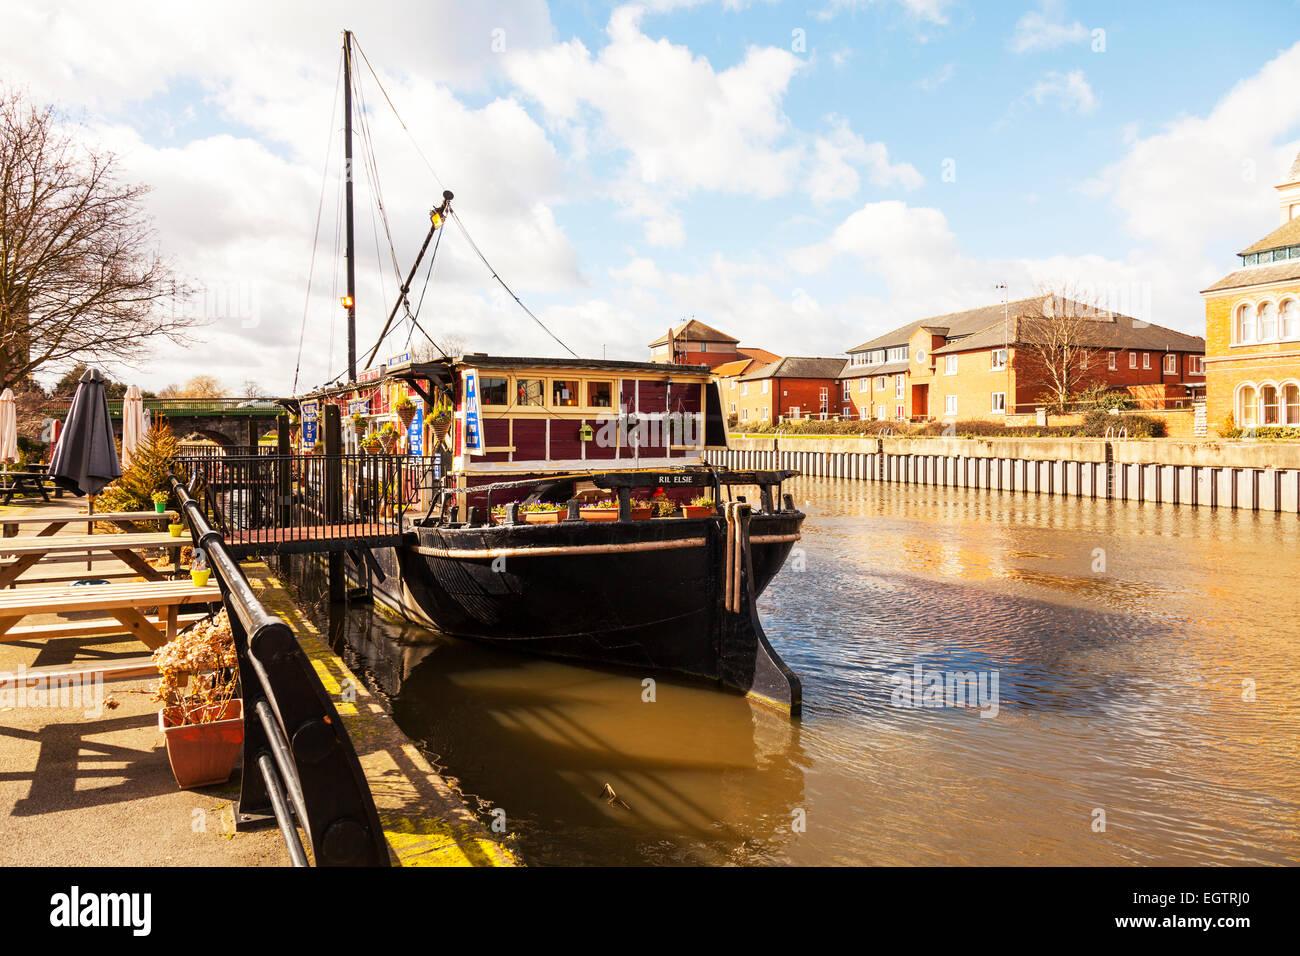 River Trent restaurant pub barge Newark on Trent town Nottinghamshire UK England - Stock Image